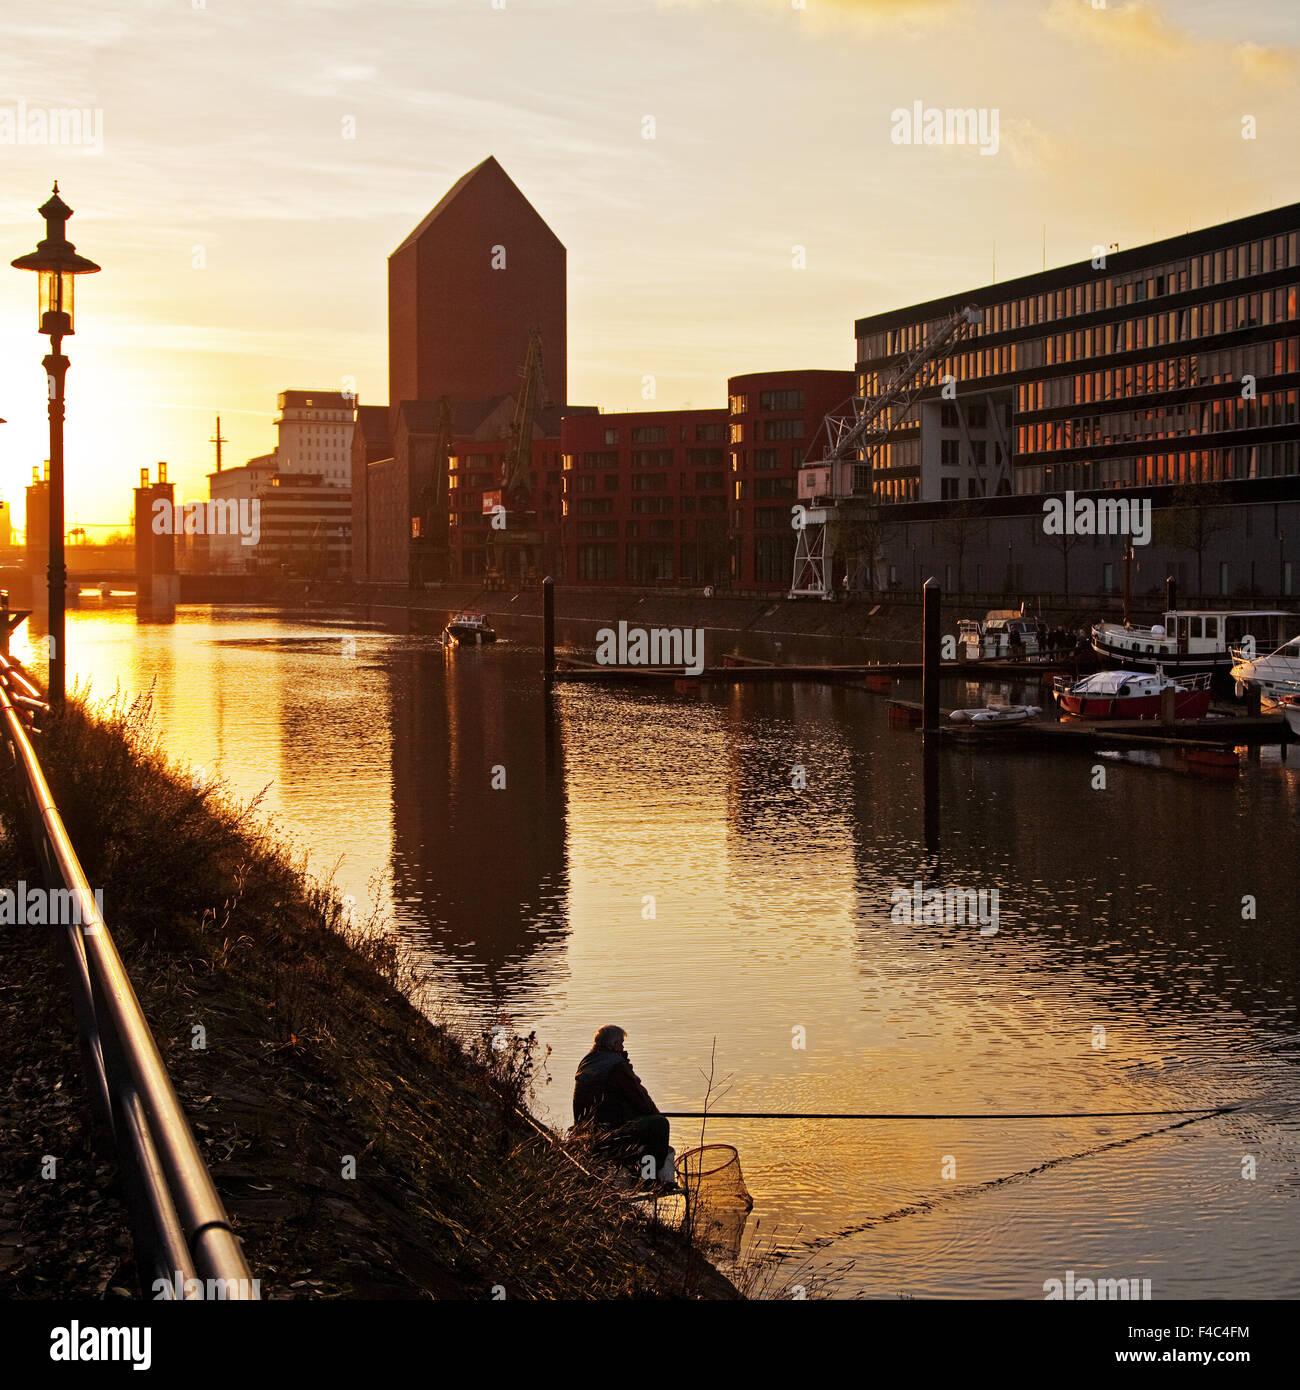 Duisburger Innenhafen bei Sonnenuntergang, Deutschland Stockbild